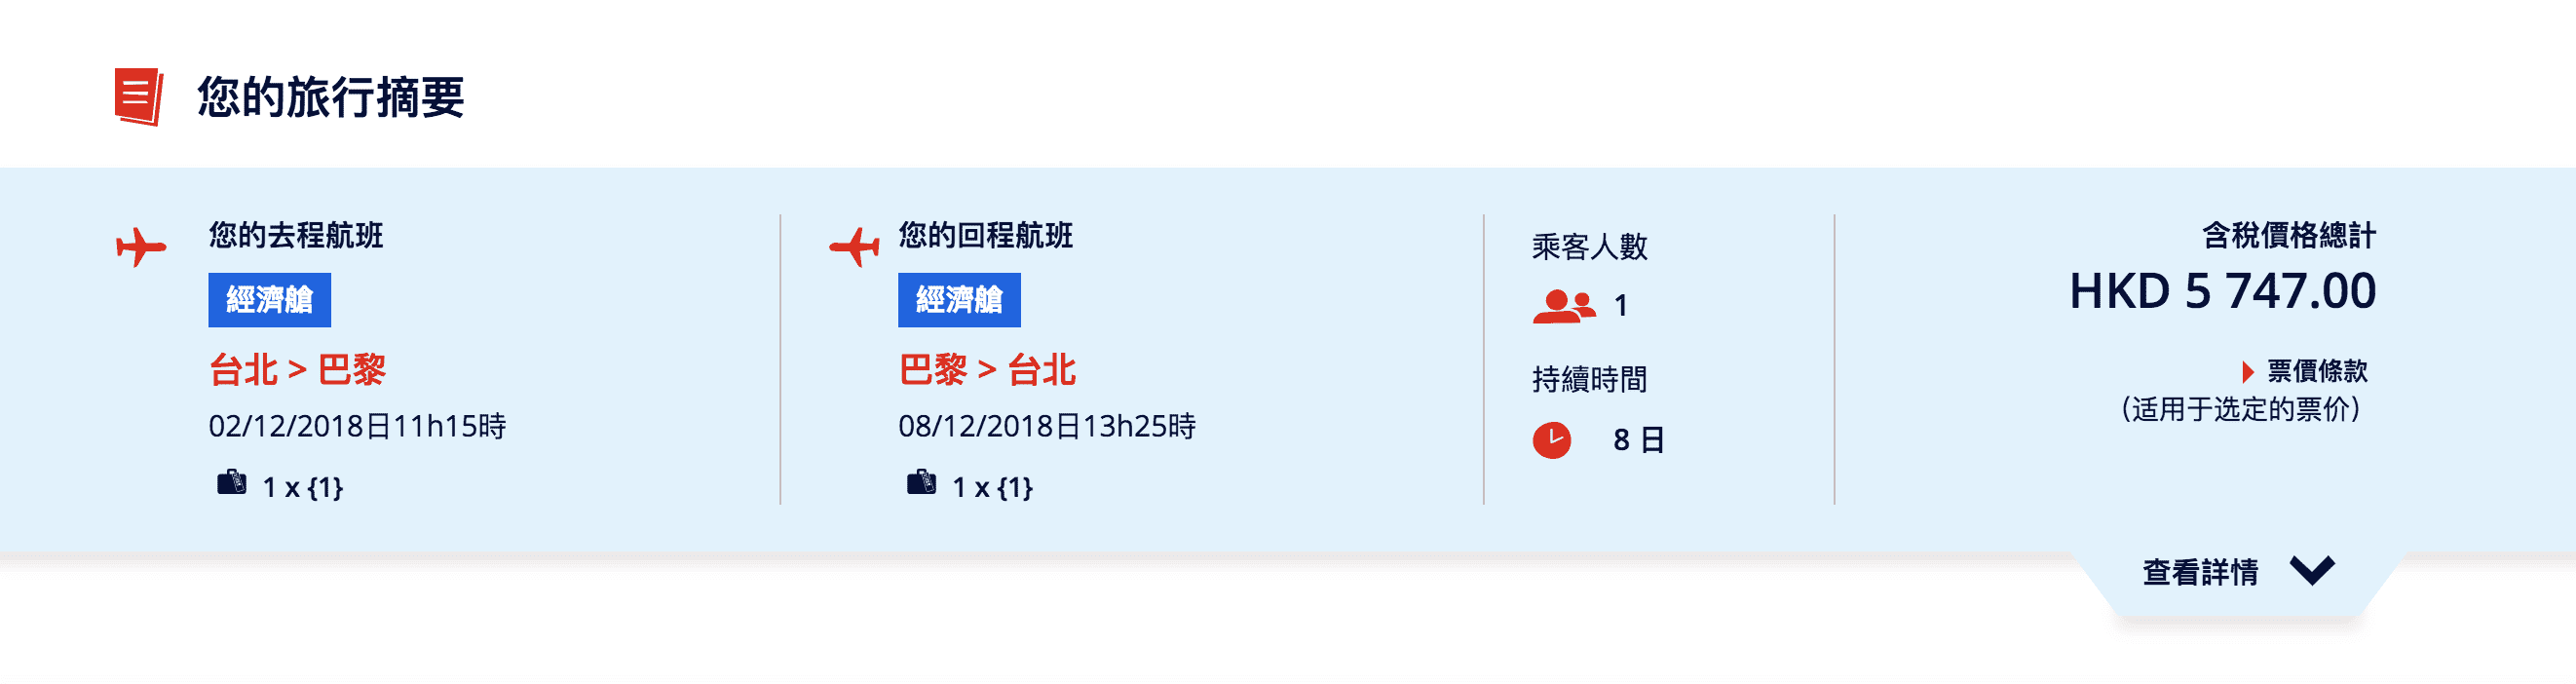 網站近期文章:法航直飛巴黎,23K,節省飛行時間當天就到巴黎去旅行~(查票:107.7.22)